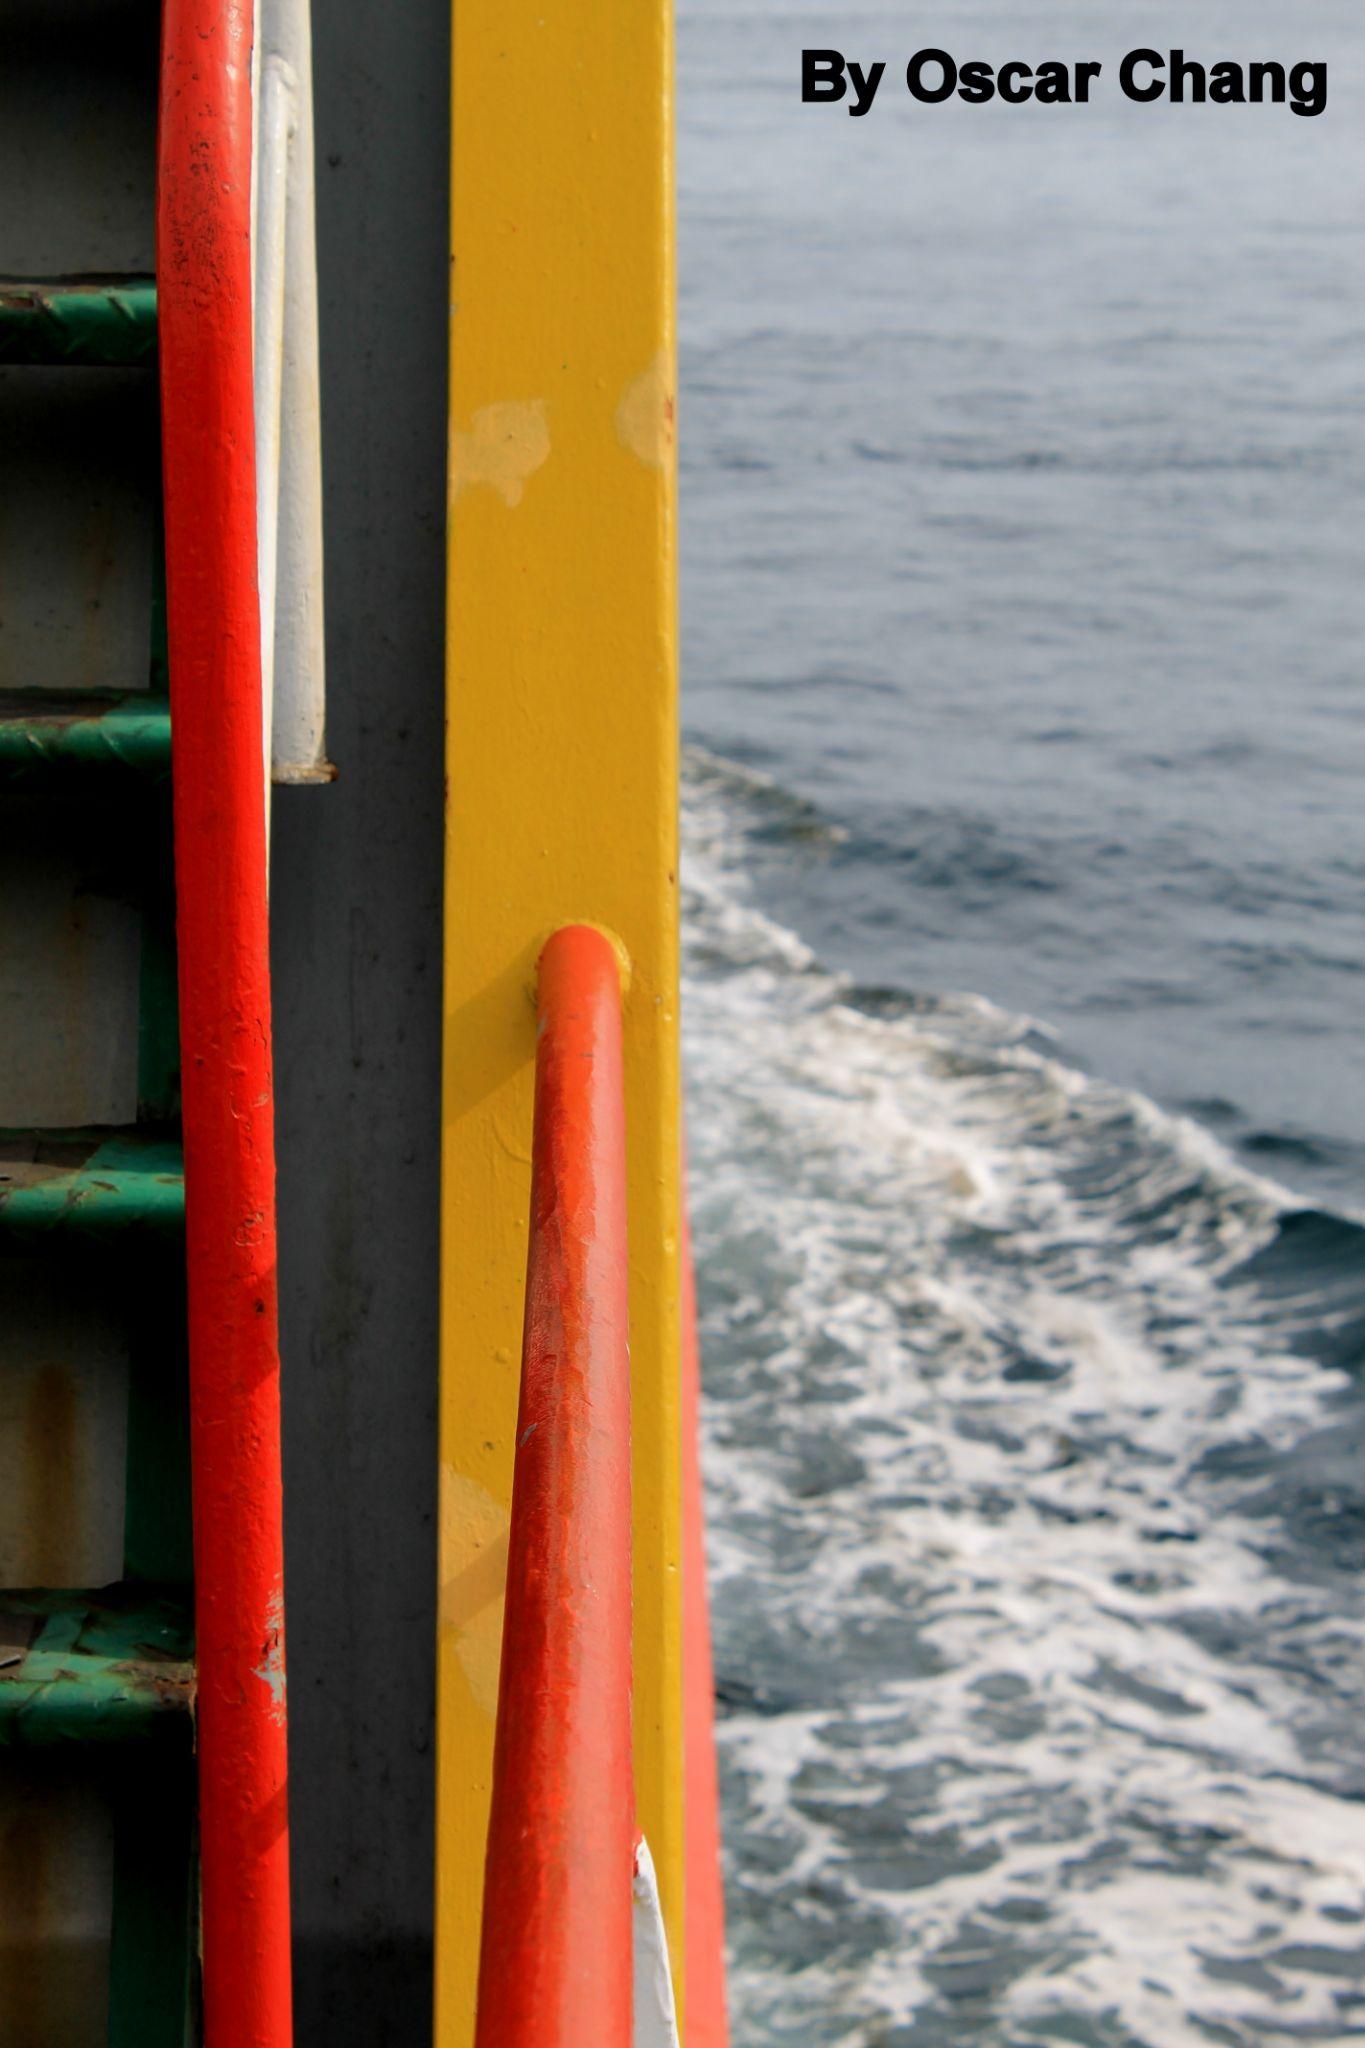 Navegando a casa... by Oscar Chang